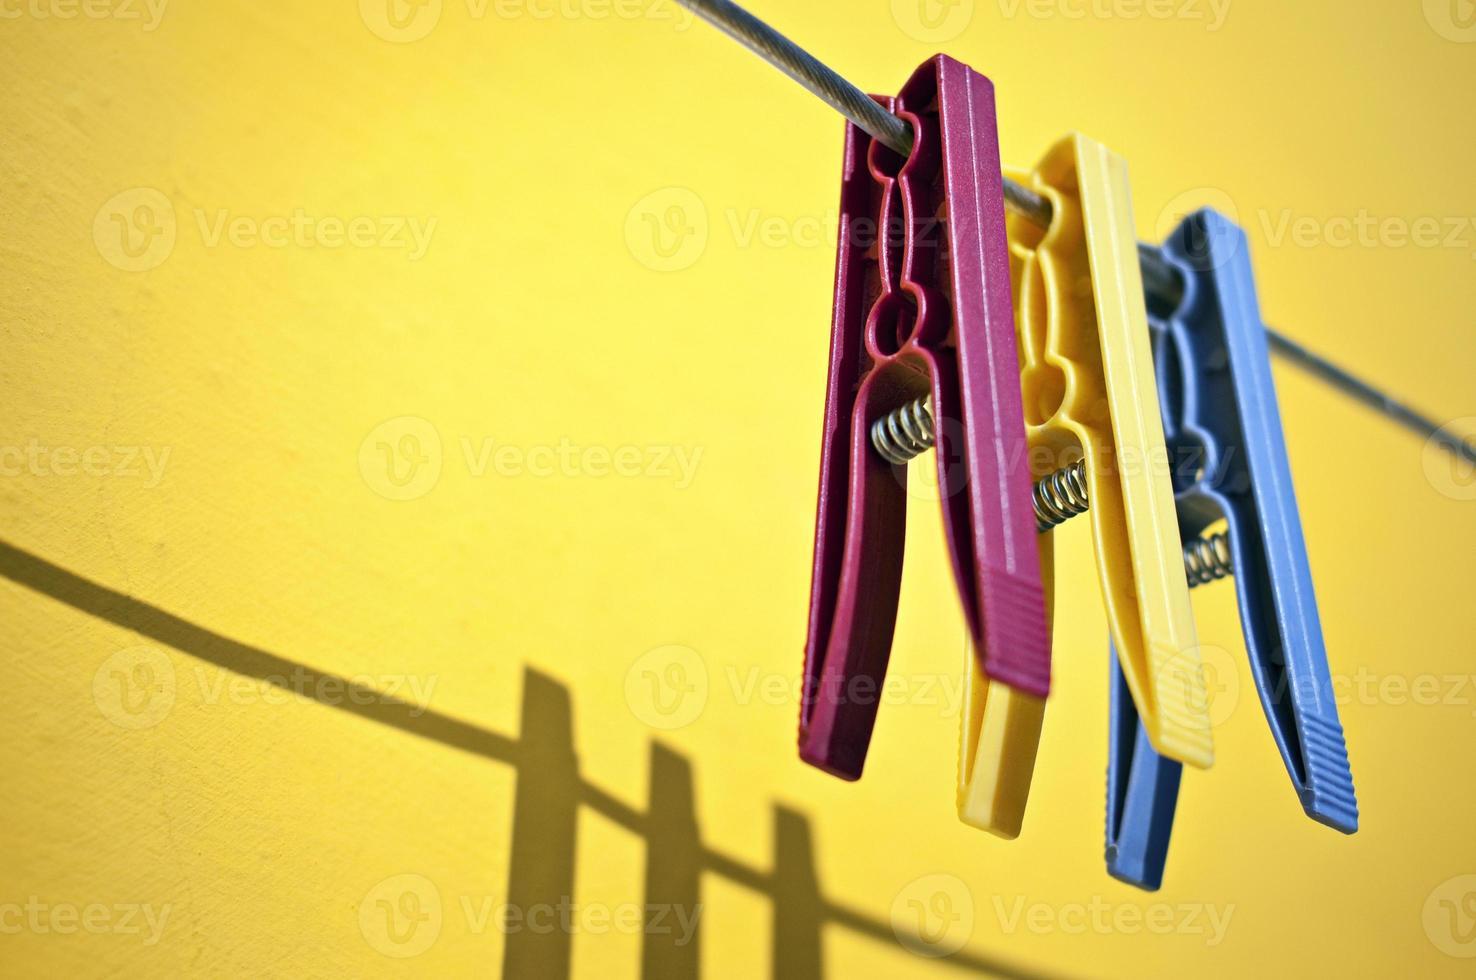 farbige Wäscheklammern foto